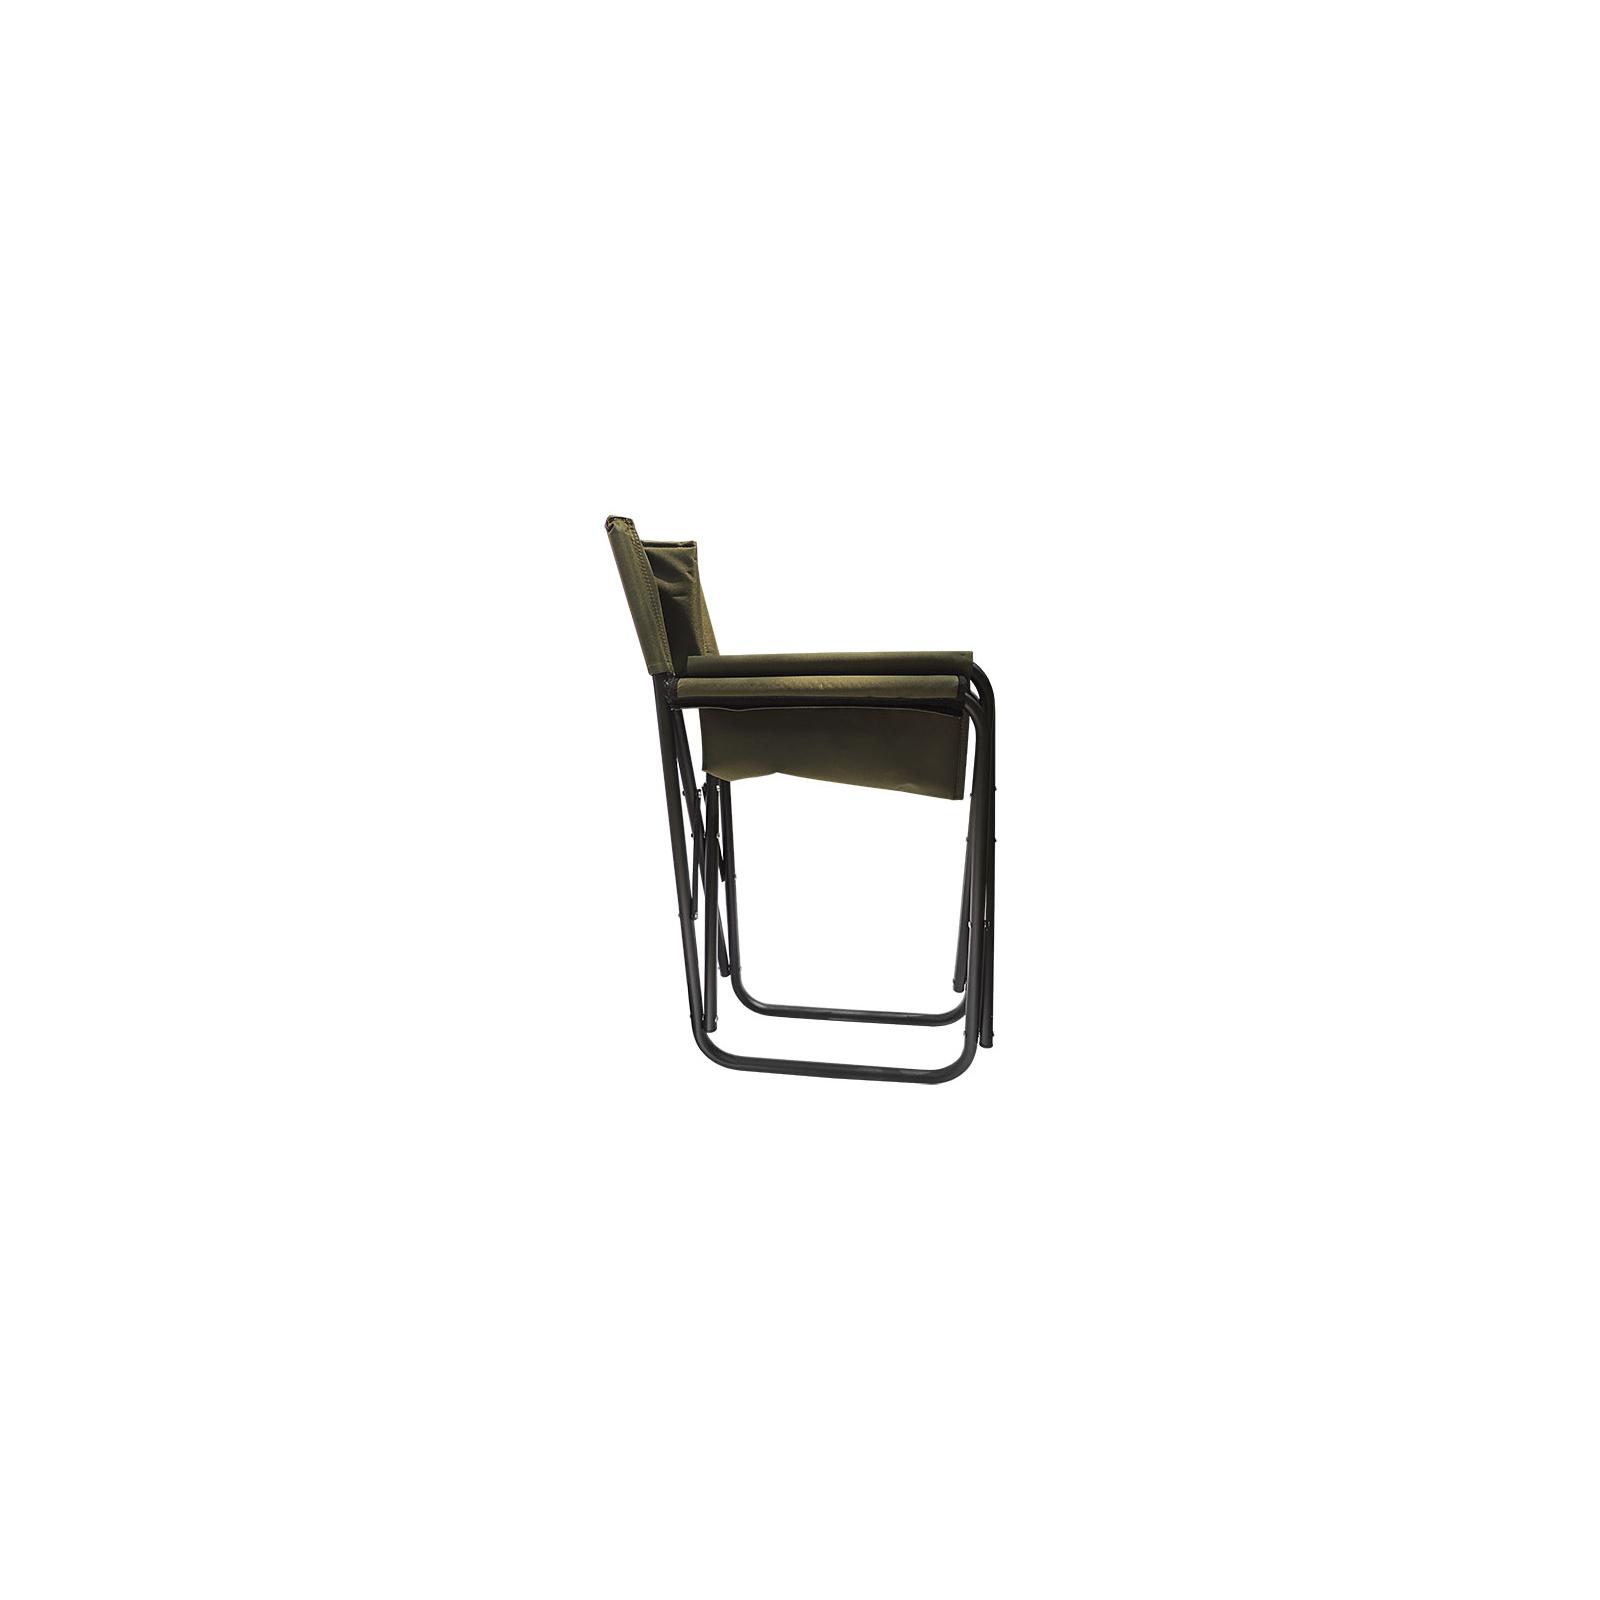 Кресло складное Time Eco Режисерский (без полки) (7061) изображение 3